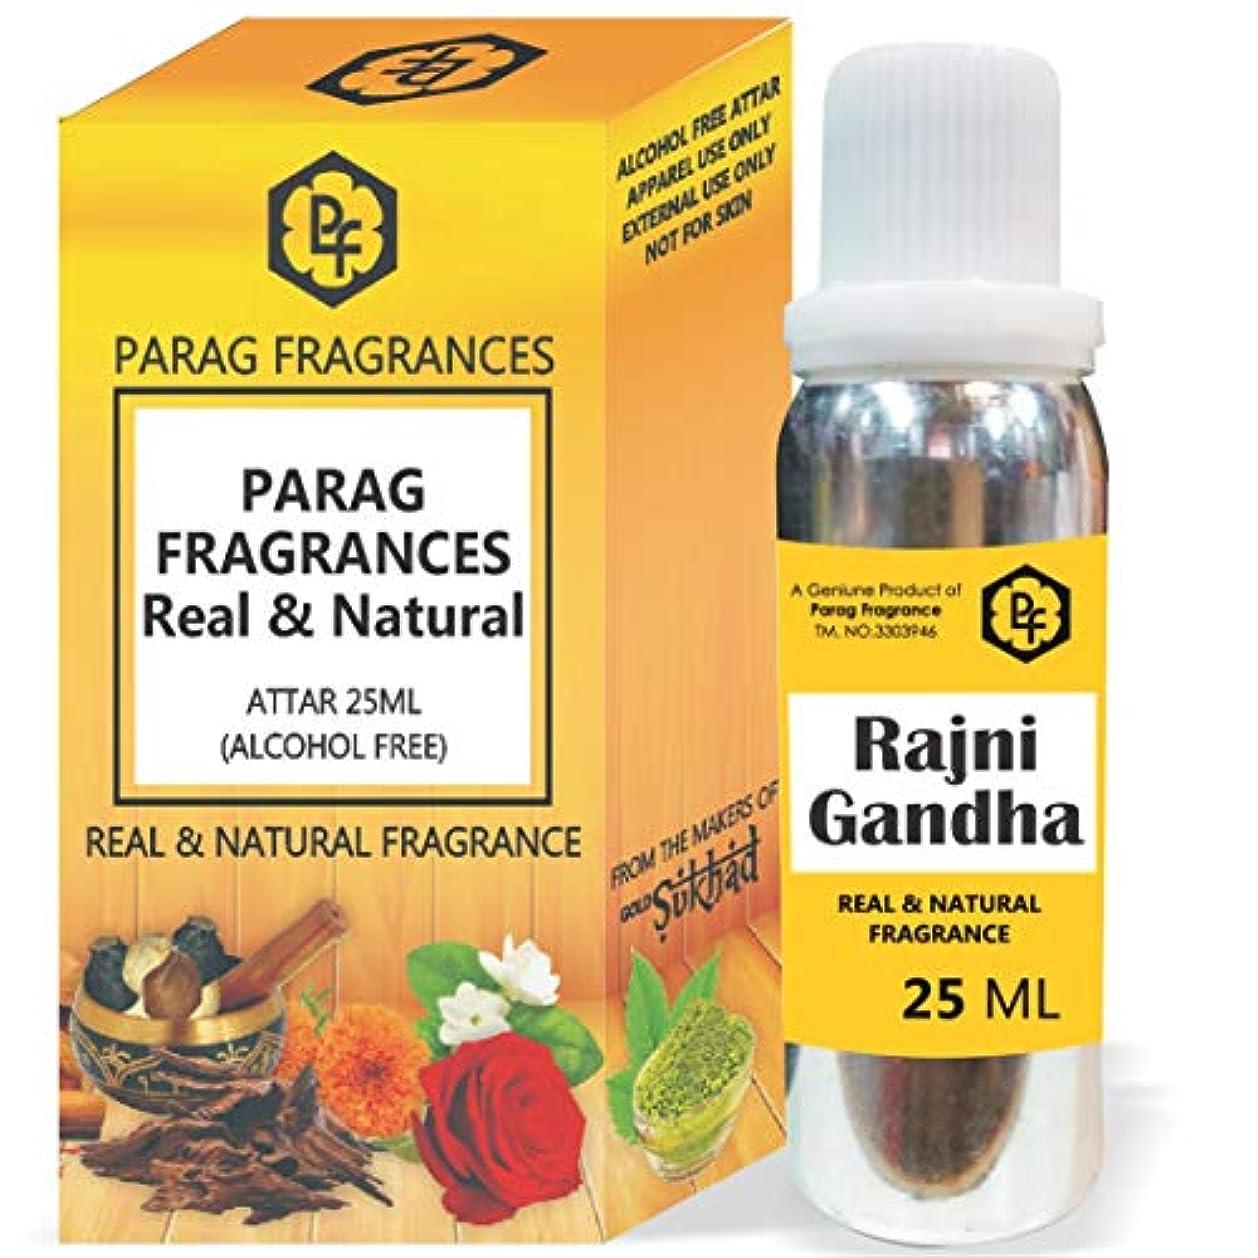 歯科医仲間、同僚膜50/100/200/500パック内の他のエディションファンシー空き瓶(アルコールフリー、ロングラスティング、自然アター)でParagフレグランス25ミリリットルRajni Gandhaアター